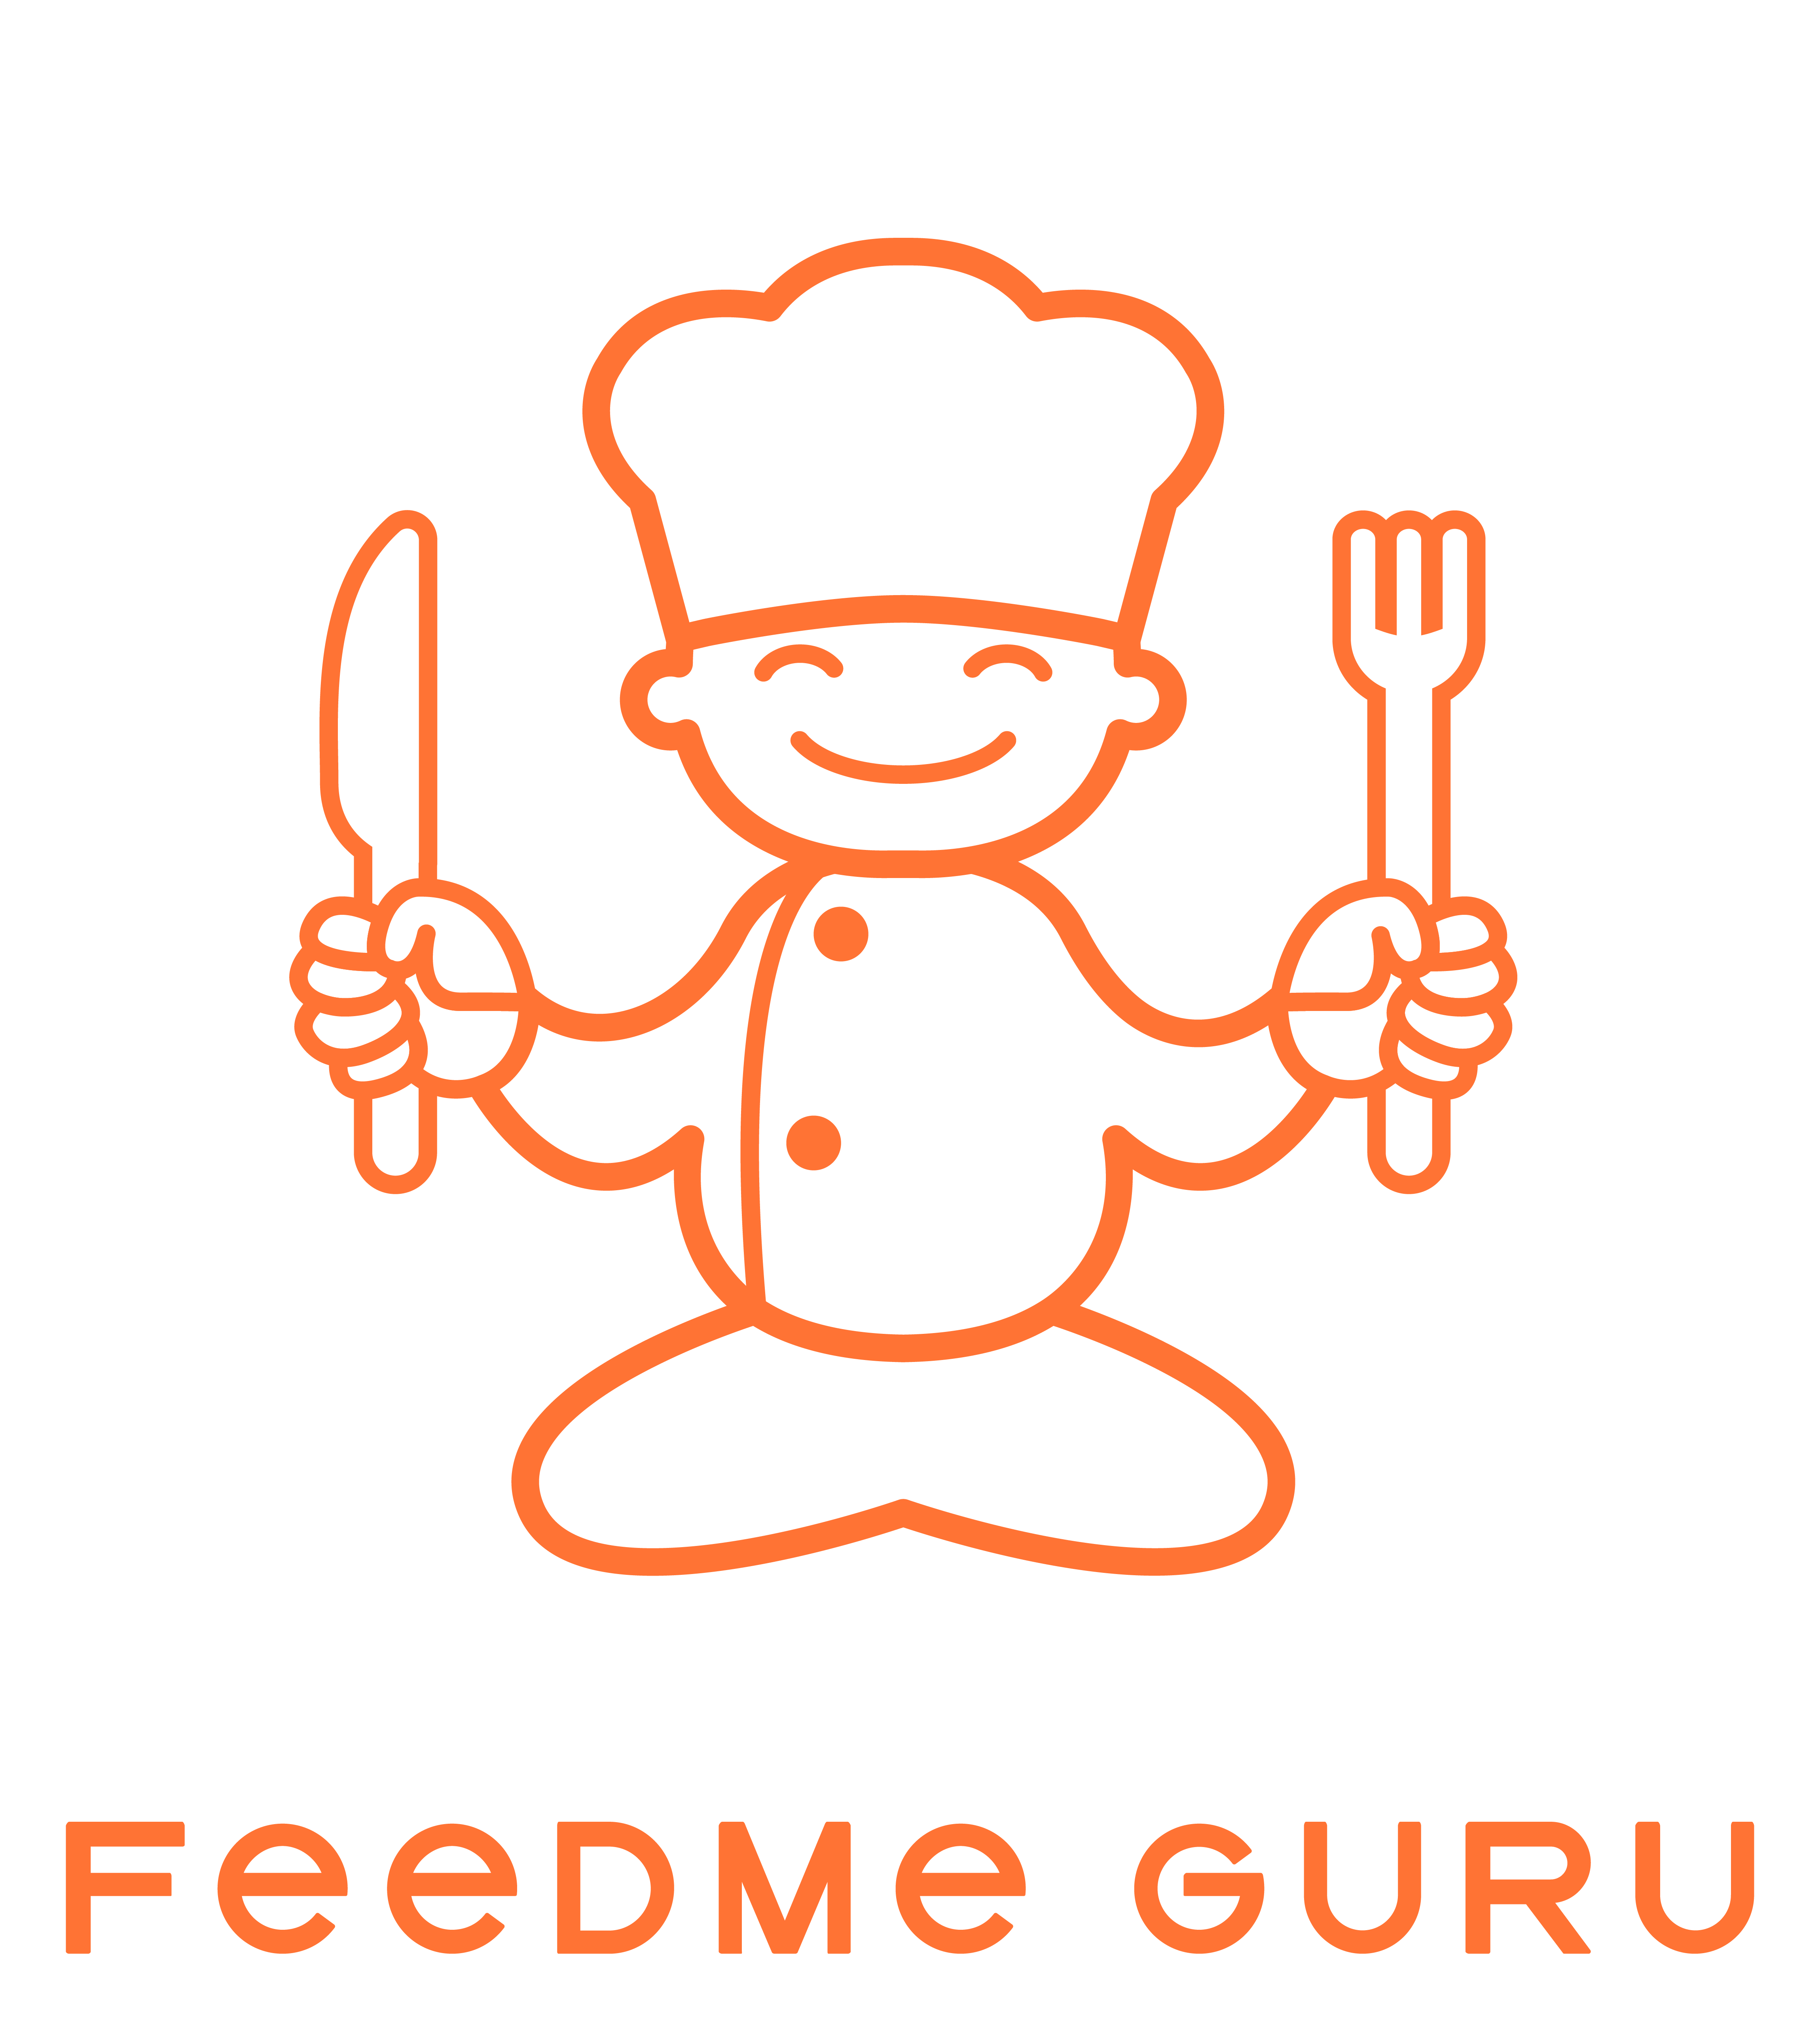 FeedMe Guru